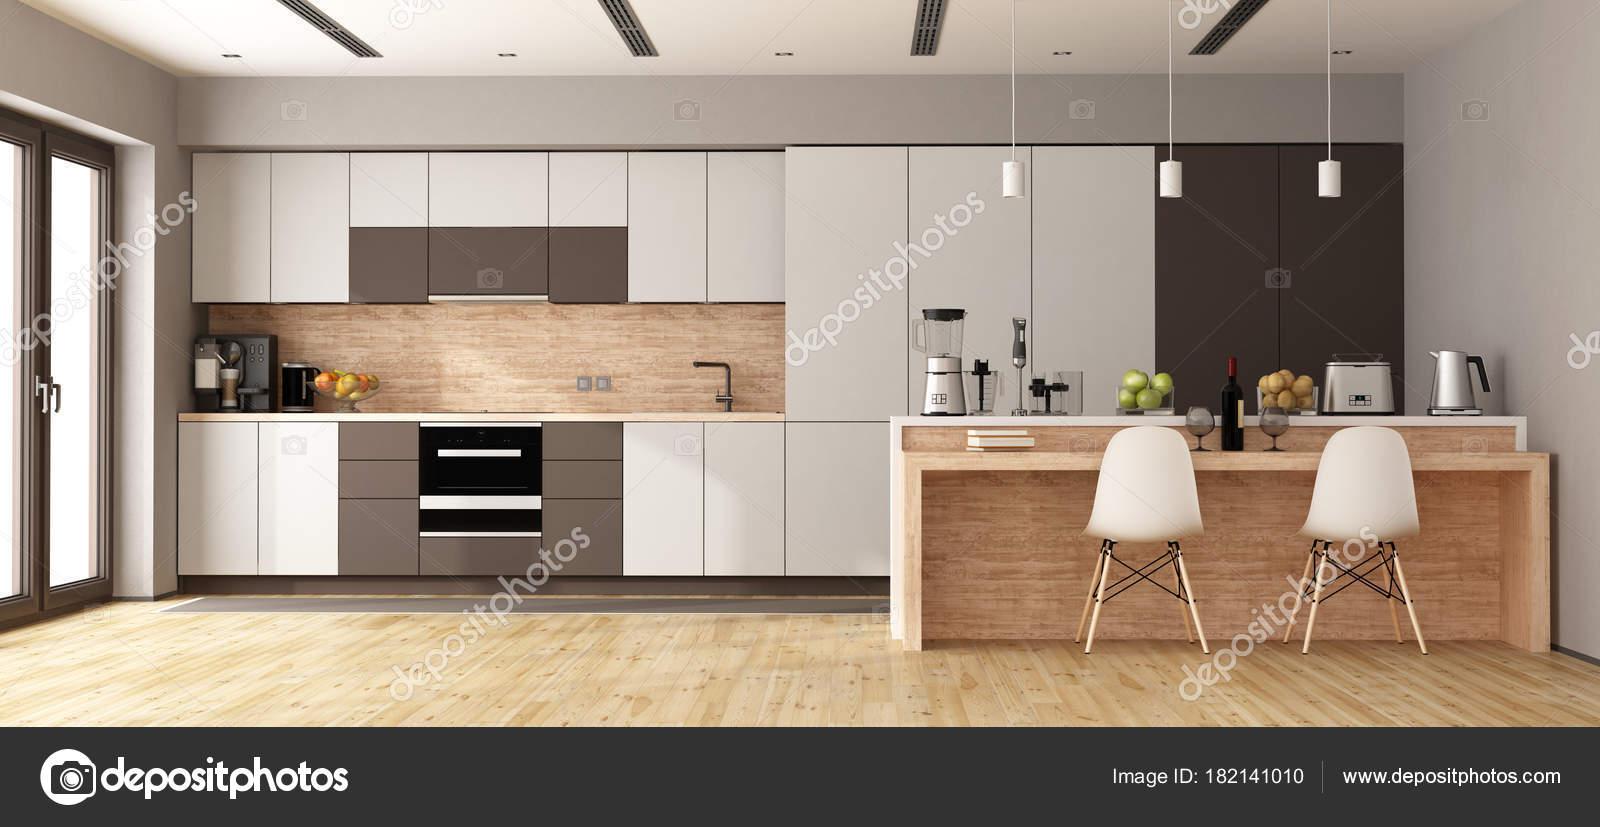 3d Fußboden Küche ~ Weiße und braune moderne küche u2014 stockfoto © archideaphoto #182141010